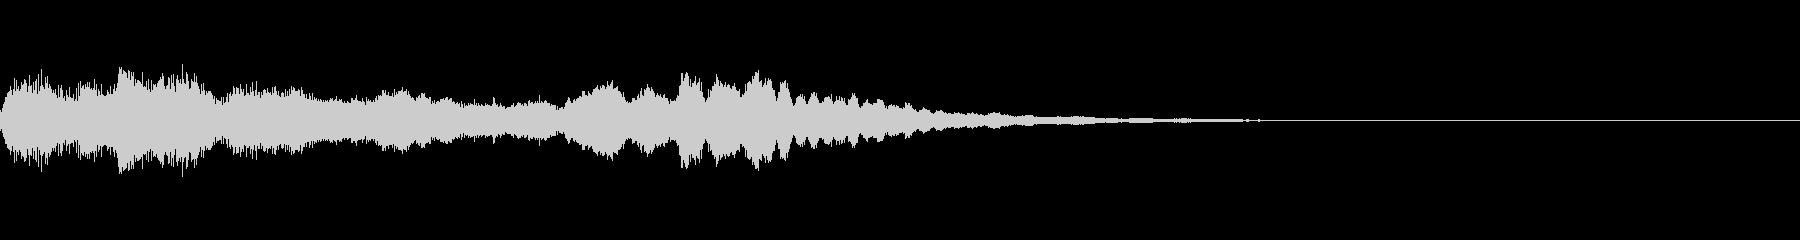 ミステリー系導入音_その13の未再生の波形